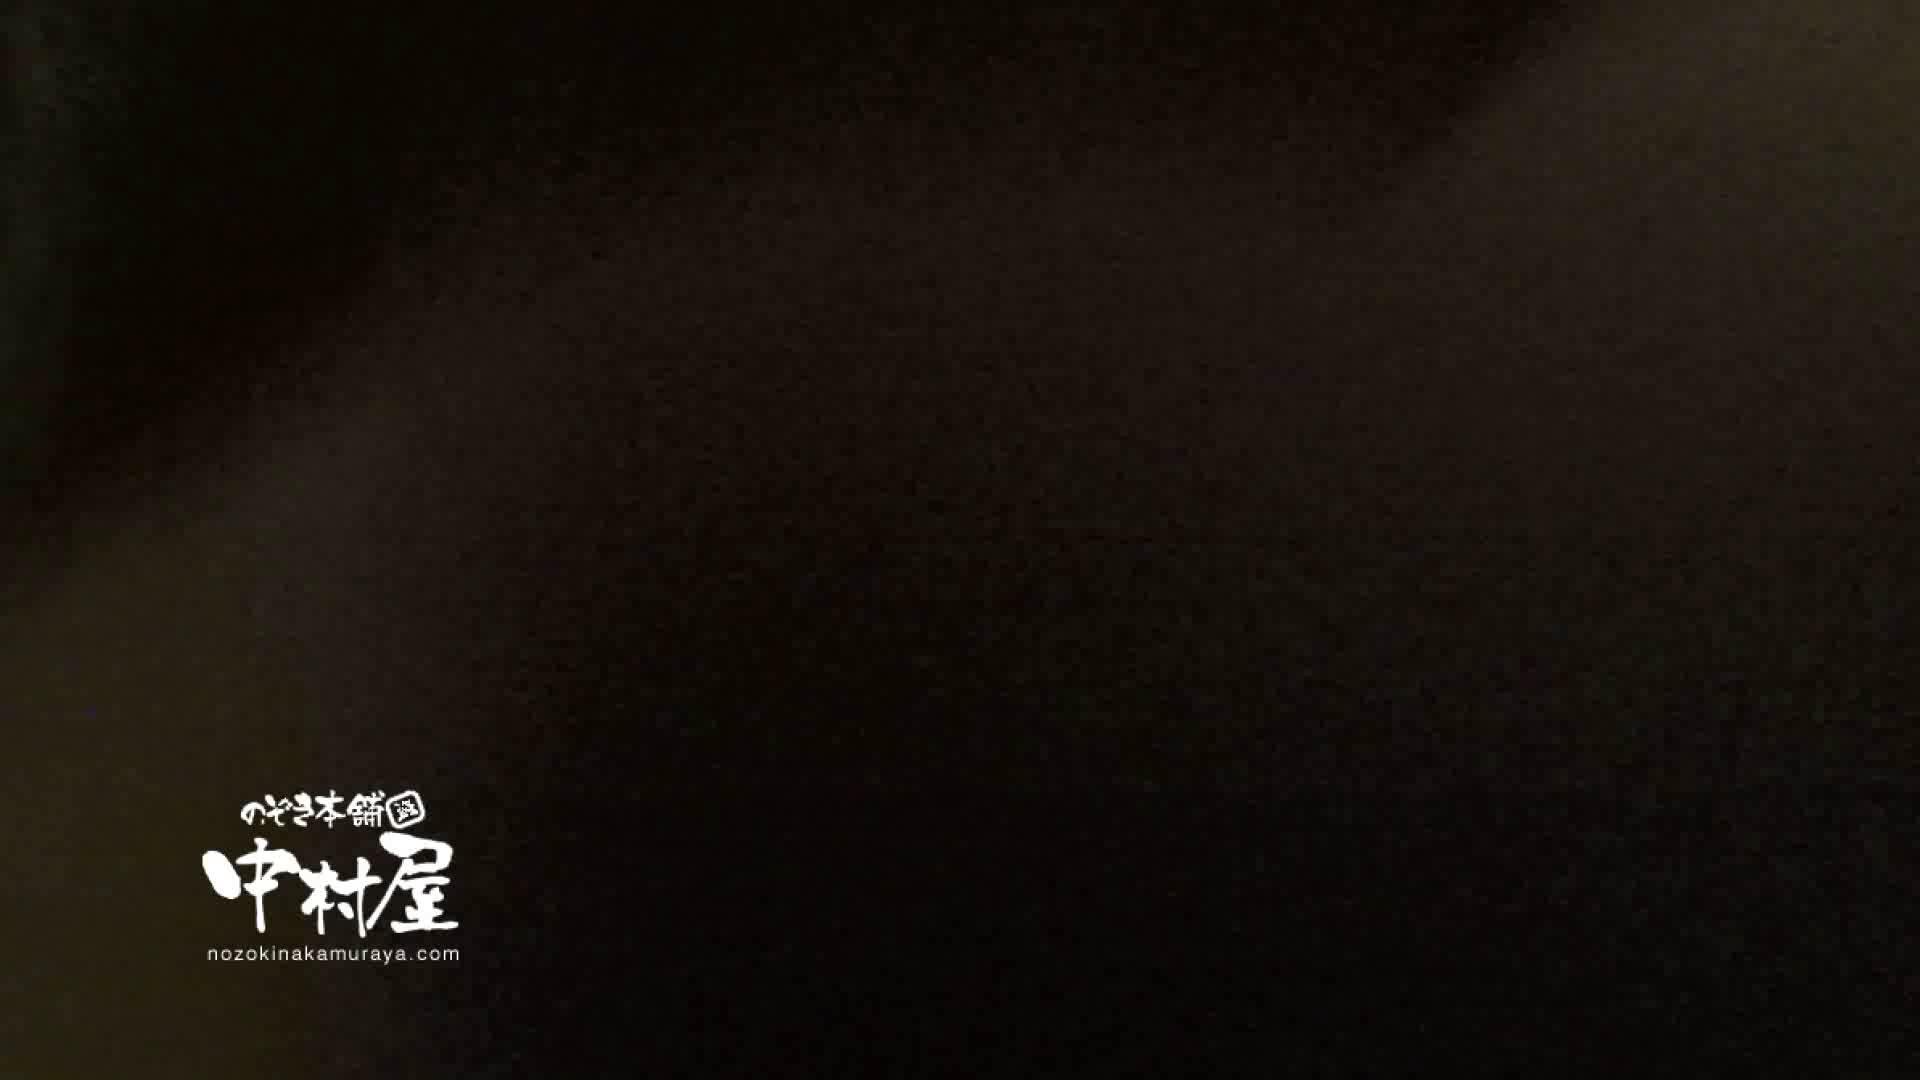 鬼畜 vol.08 極悪!妊娠覚悟の中出し! 後編 美しいOLの裸体 SEX無修正画像 97pic 68